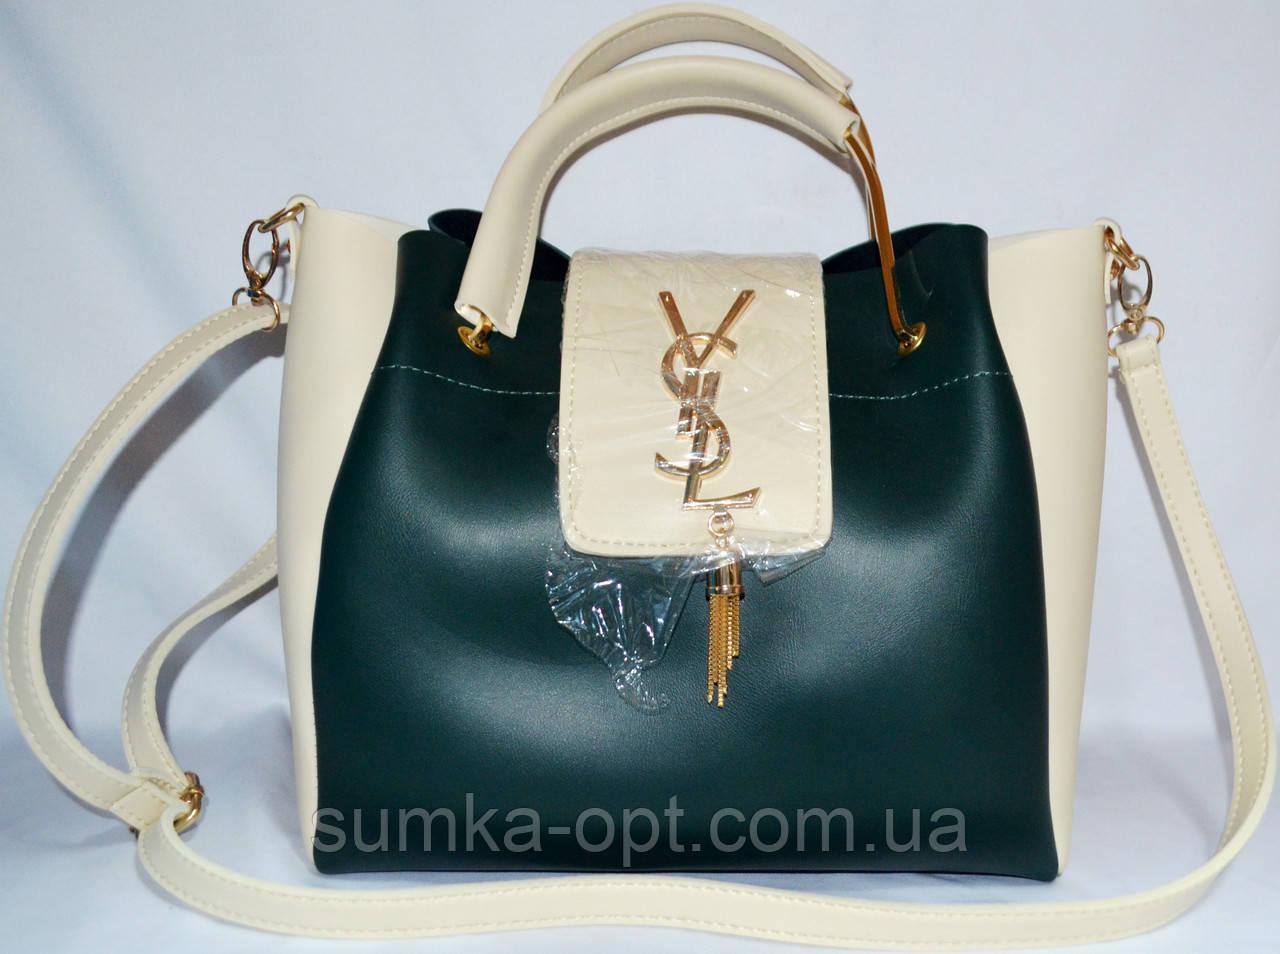 66819bfb61e5 Женские сумки брендовые YSL 2-в-1 эко кожа(зеленый-молочный)24*27 ...